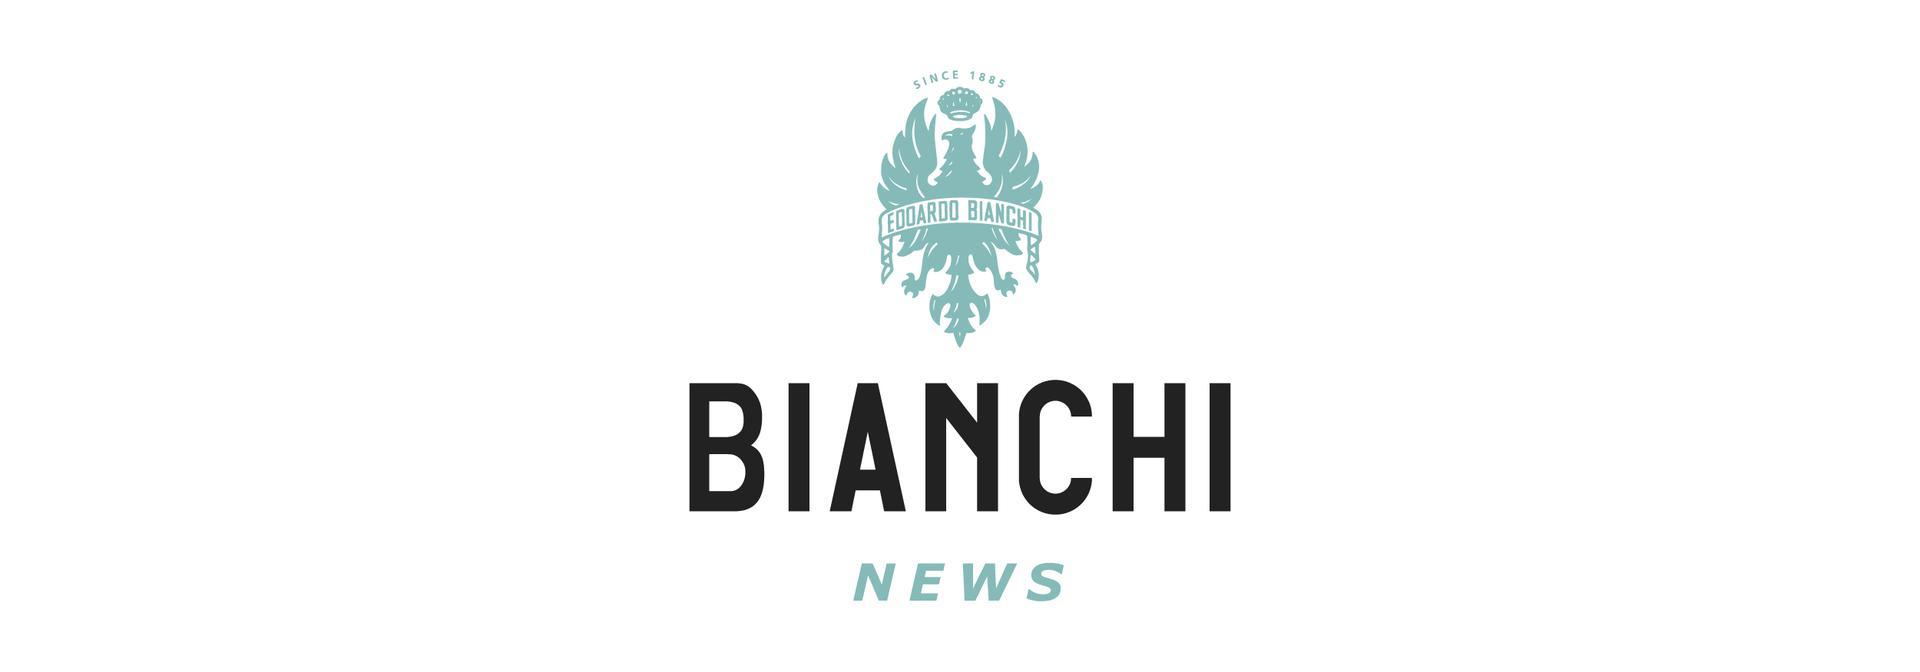 Header Bianchi